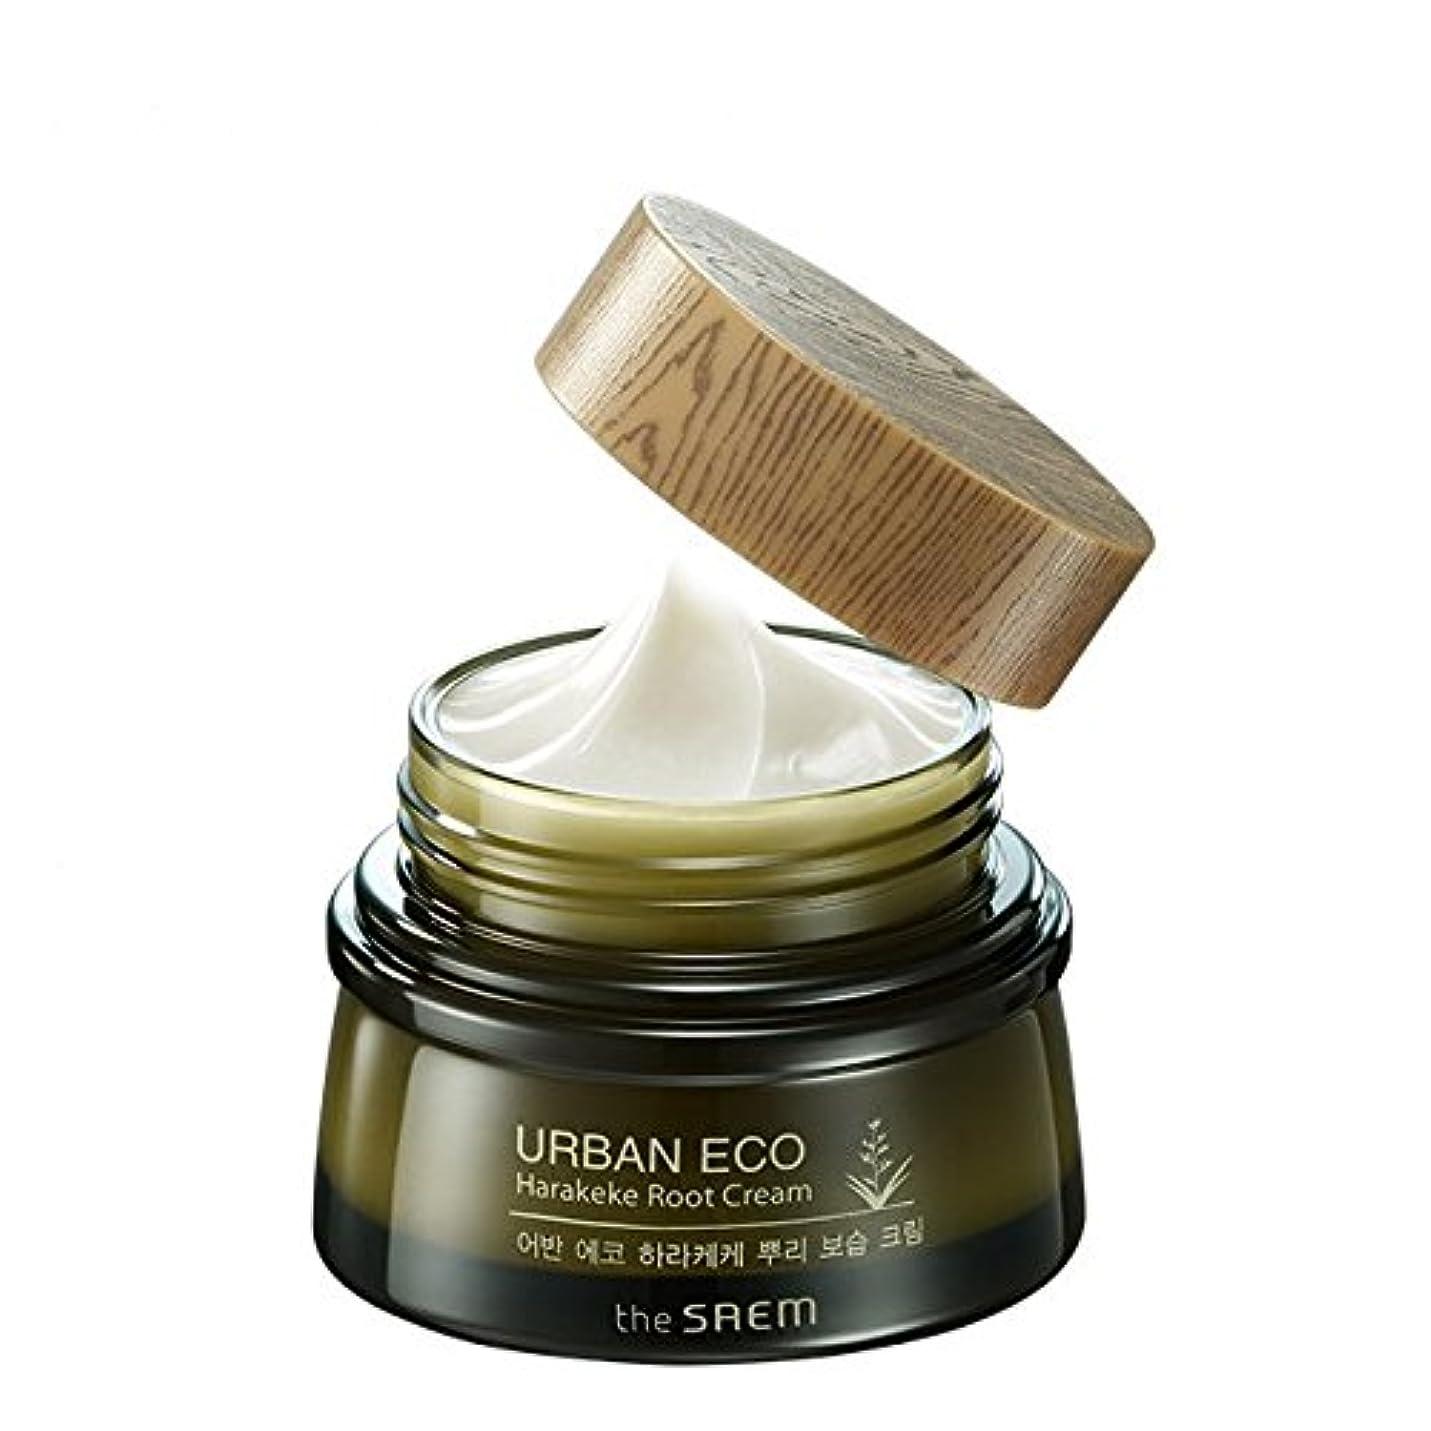 マリナー謎めいた付属品[ザセム] The Saem [アーバンエコ ハラケケ 根保湿クリーム60ml (The Saem Urban Eco Harakeke Root Cream60ml)